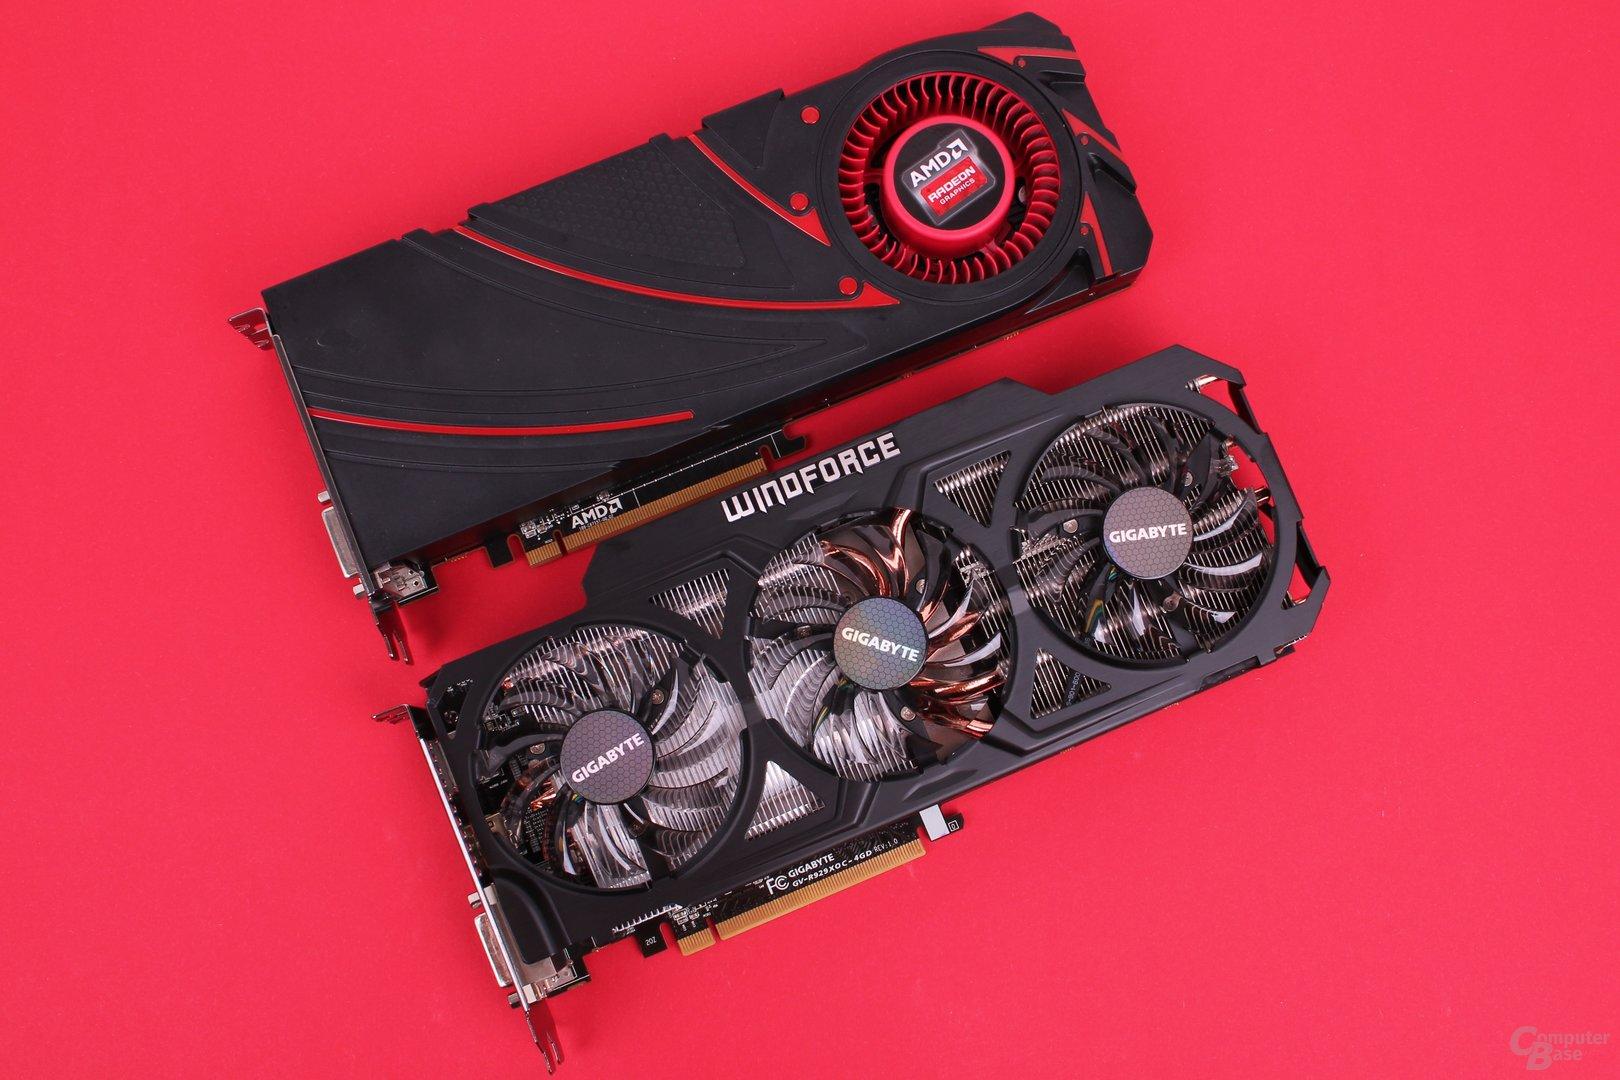 Radeon R9 290X: Referenzdesign (oben) und Gigabyte-Modell